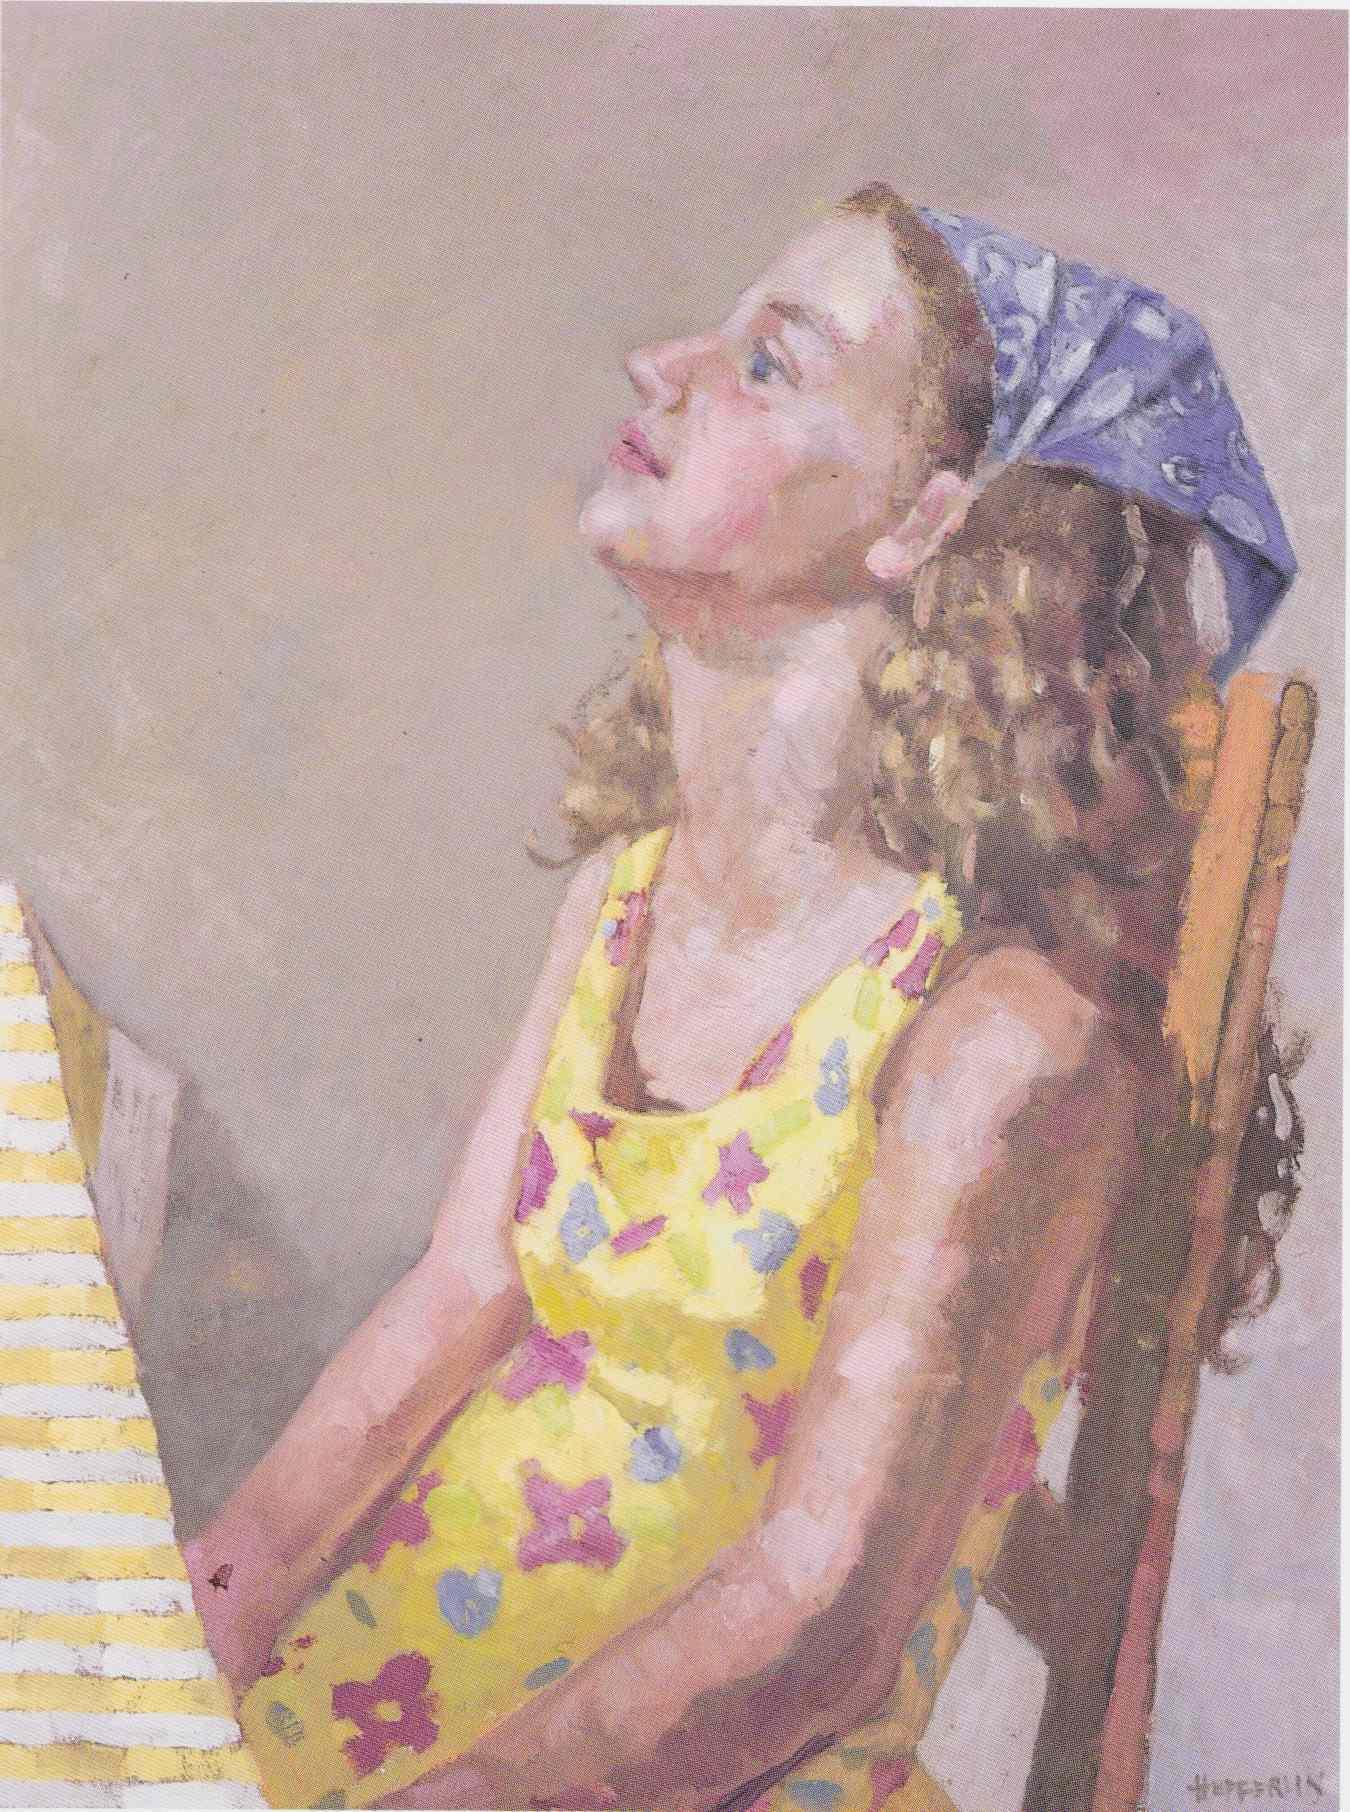 Daydreamer, Joelle by  Melissa Hefferlin - Masterpiece Online